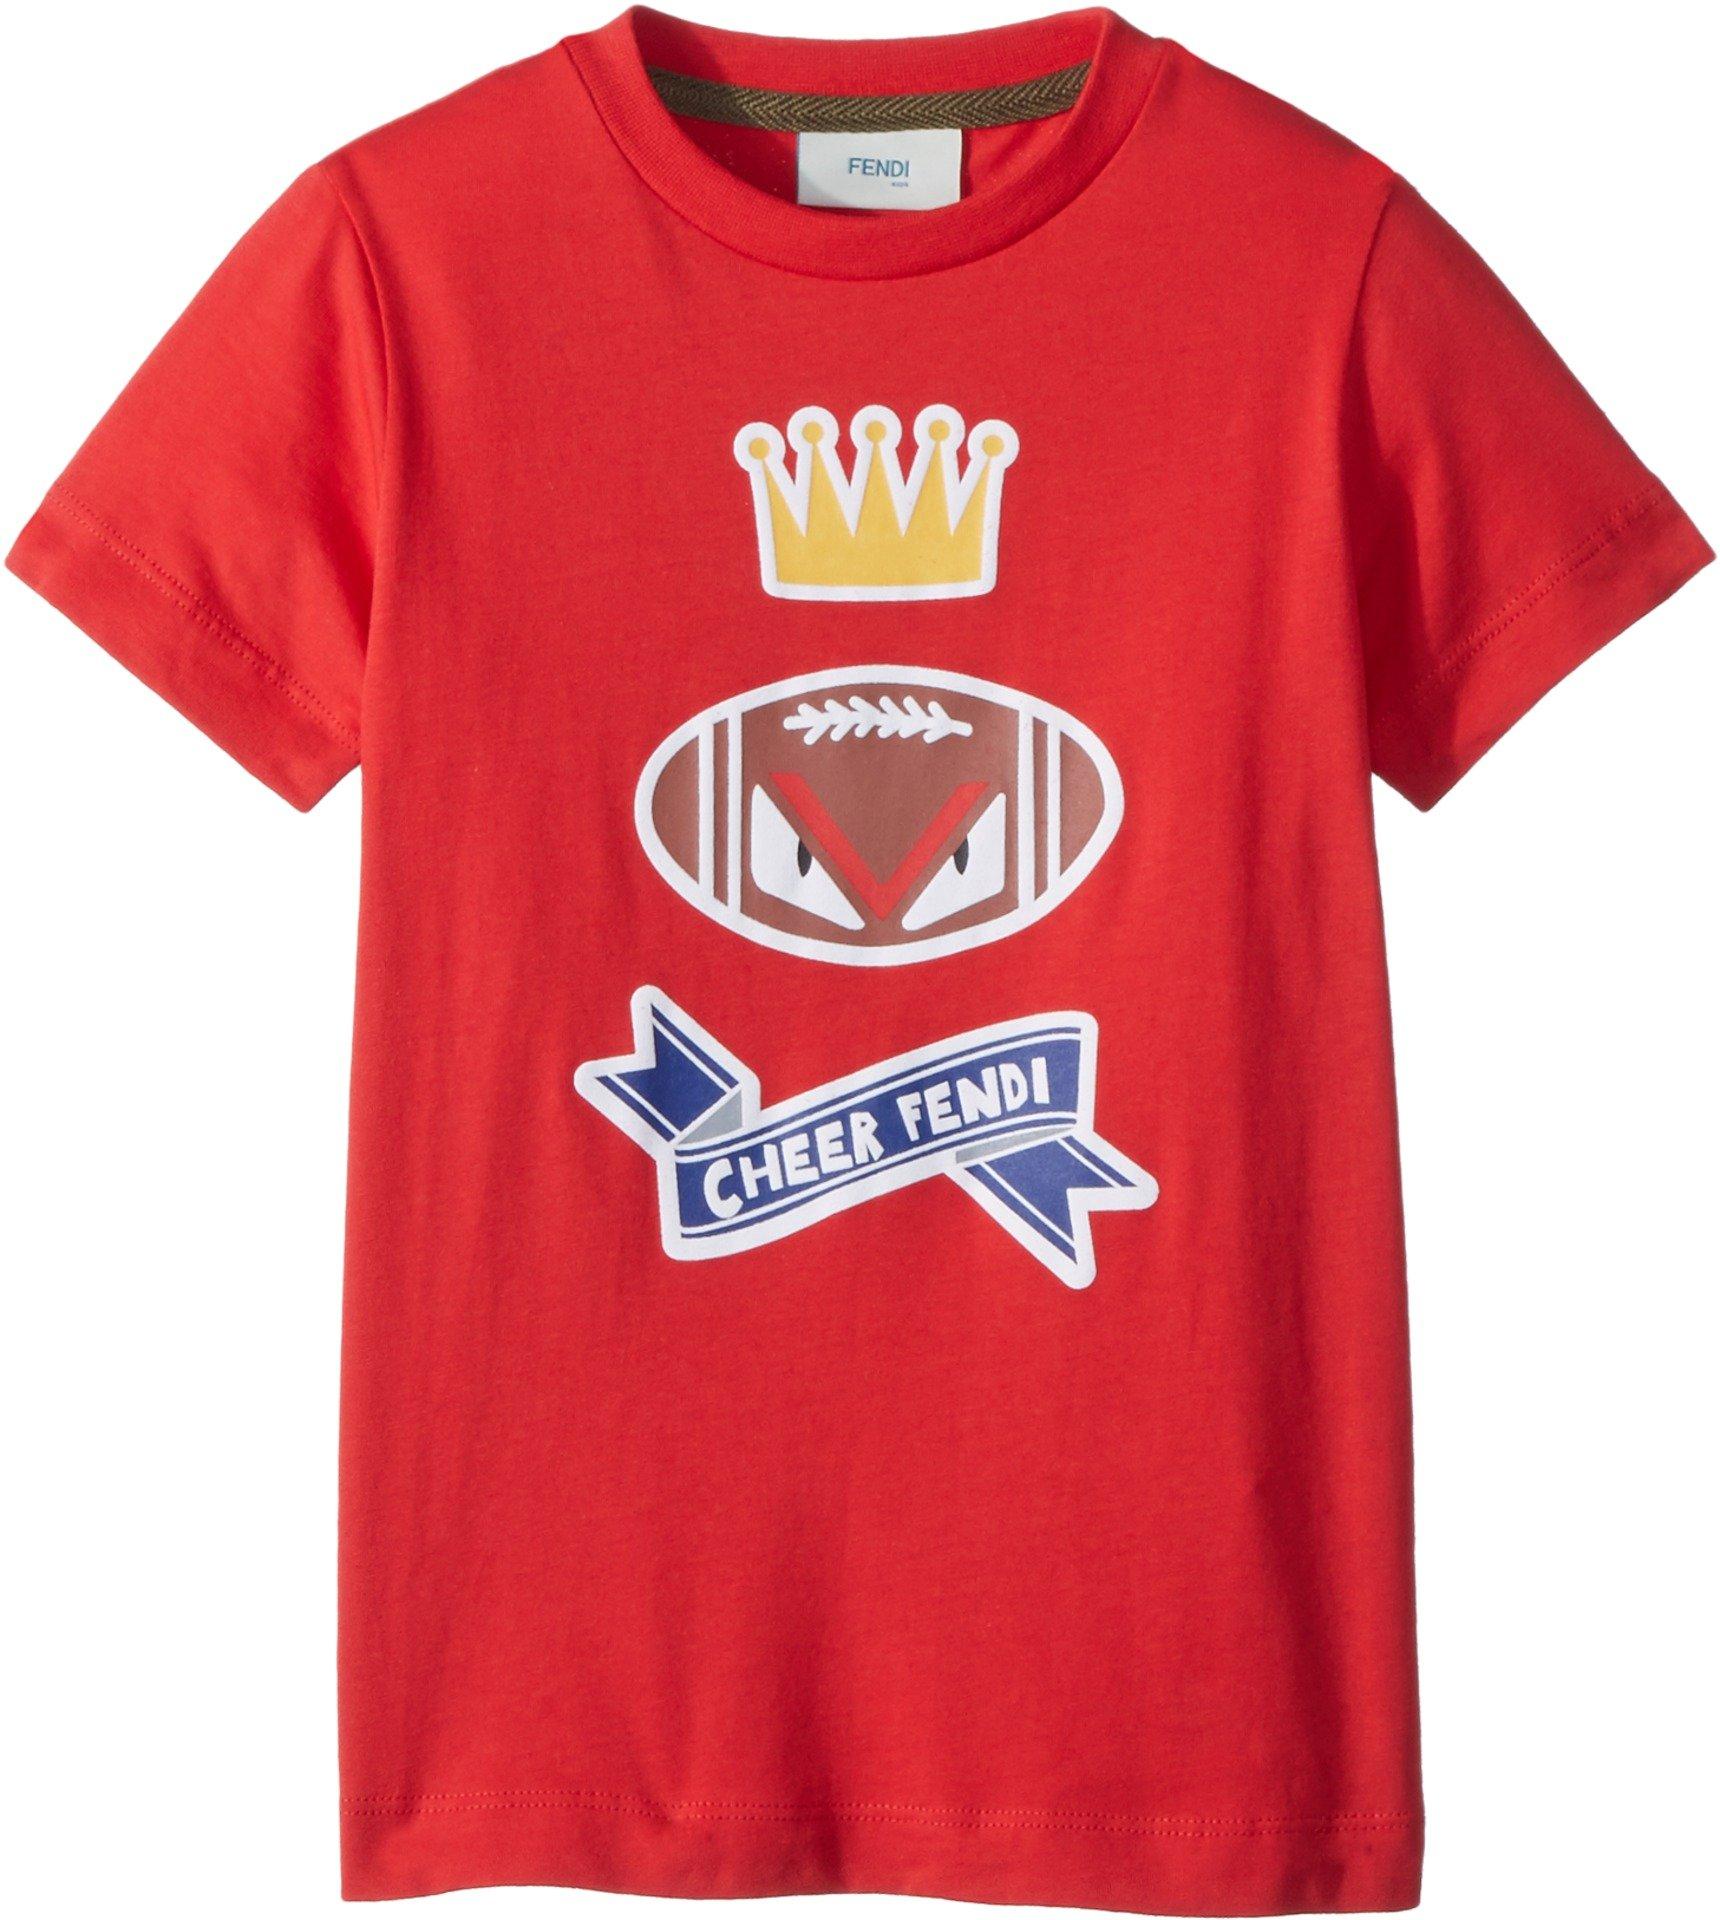 Fendi Kids Baby Boy's Short Sleeve 'Cheer Fendi' Football Graphic T-Shirt (Toddler) Red 4 Years